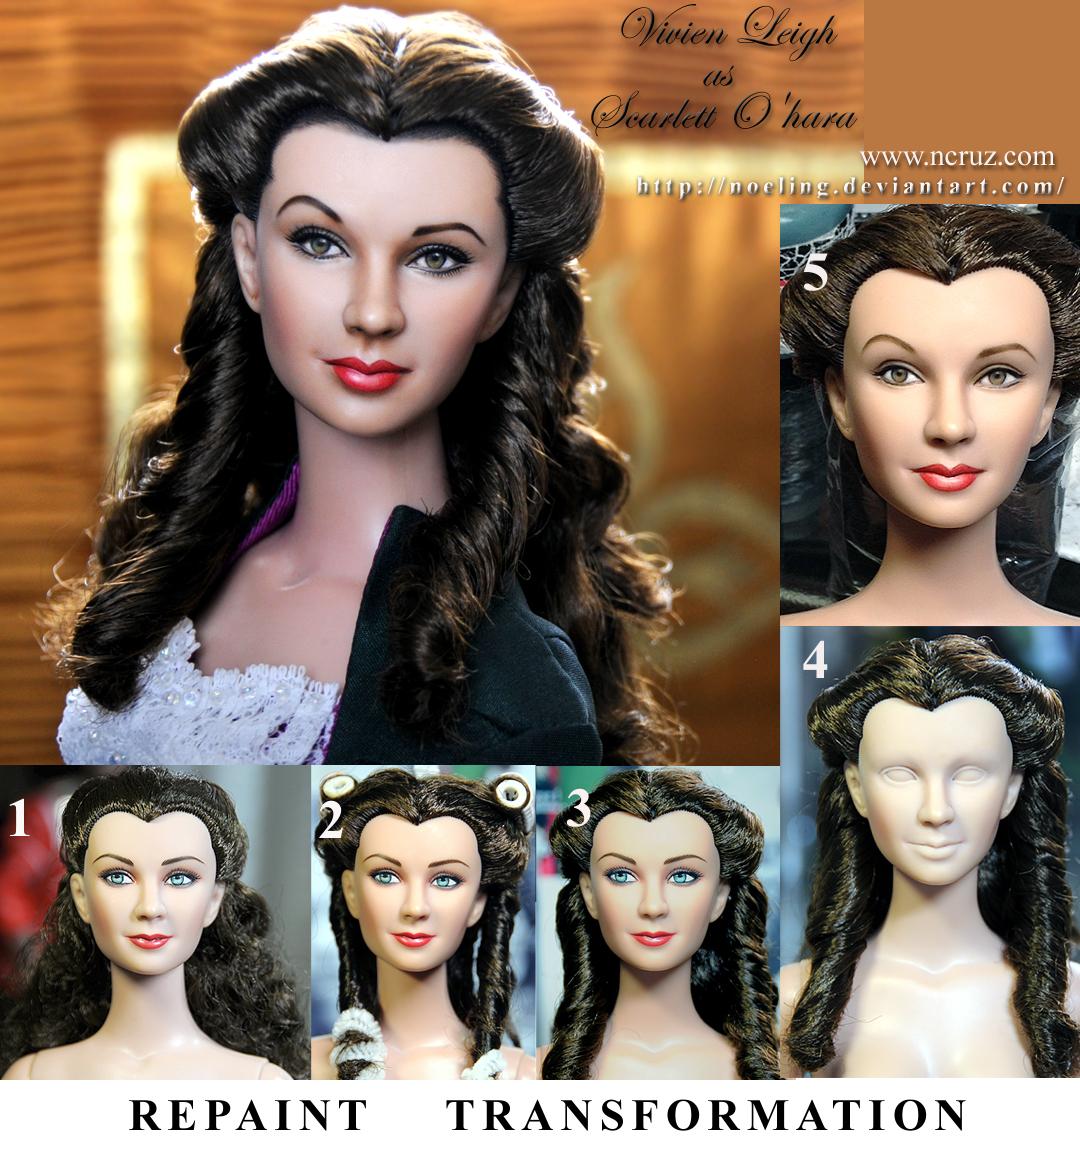 custom doll repaint Vivien Leigh  Scarlett O'hara by noeling